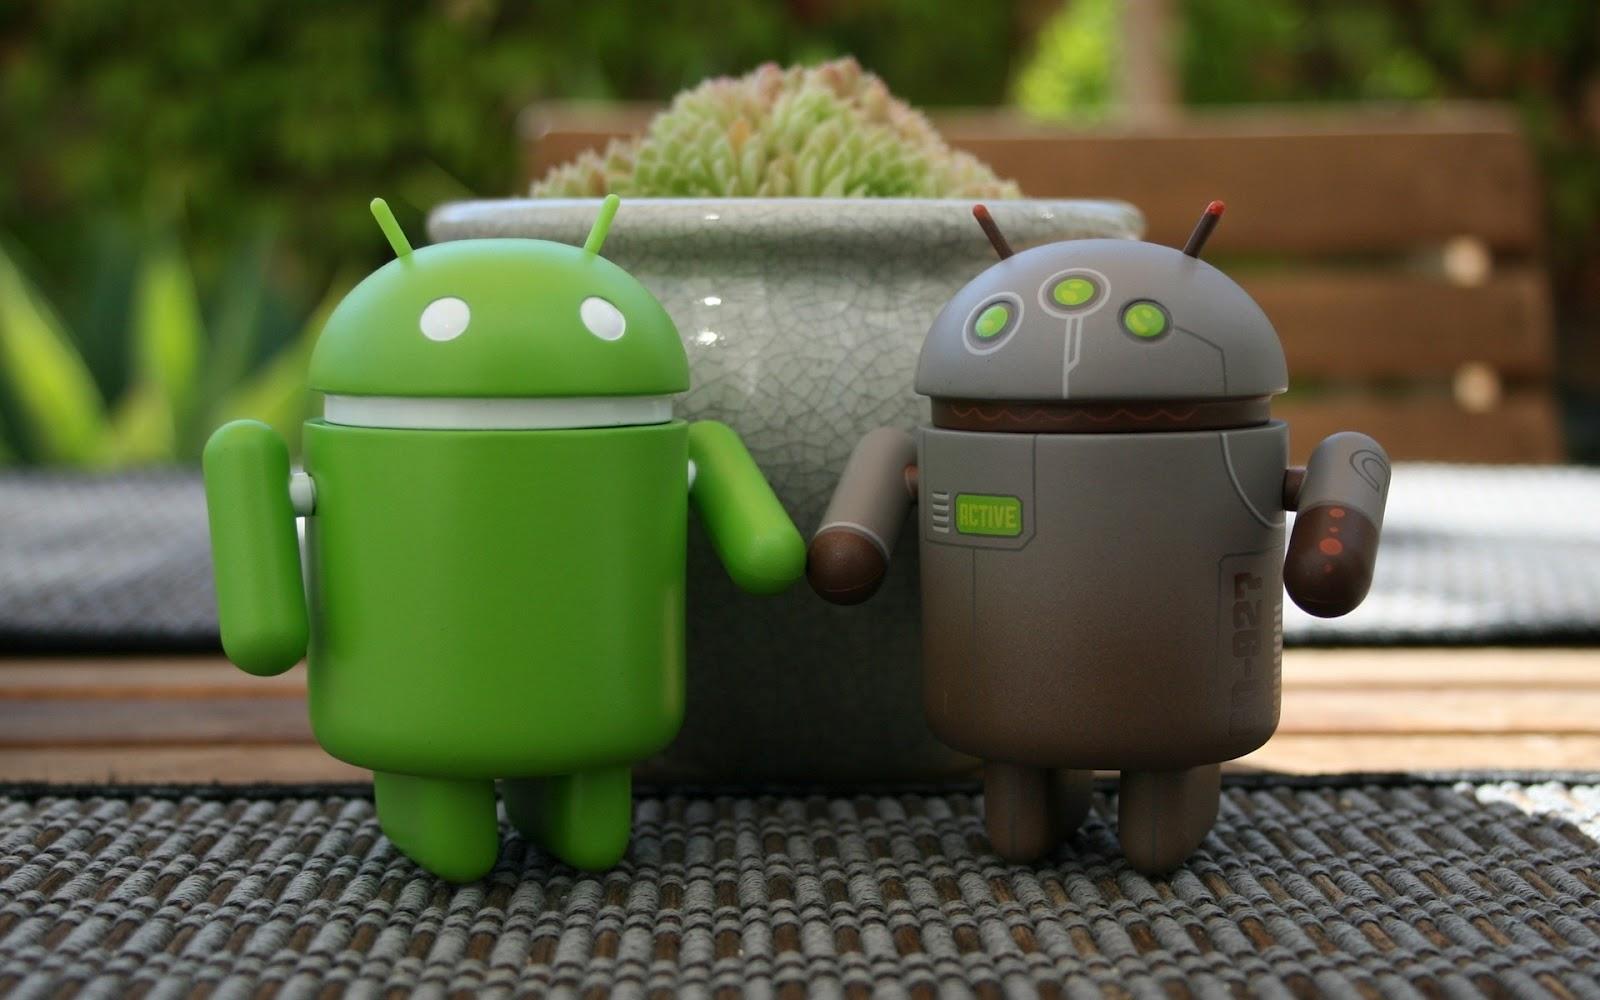 http://2.bp.blogspot.com/-IJ8z216Np0w/UG1x0VZuPjI/AAAAAAAAAcI/jgFhNoCQfCU/s1600/Google-Android-HD-Wallpapers.jpg